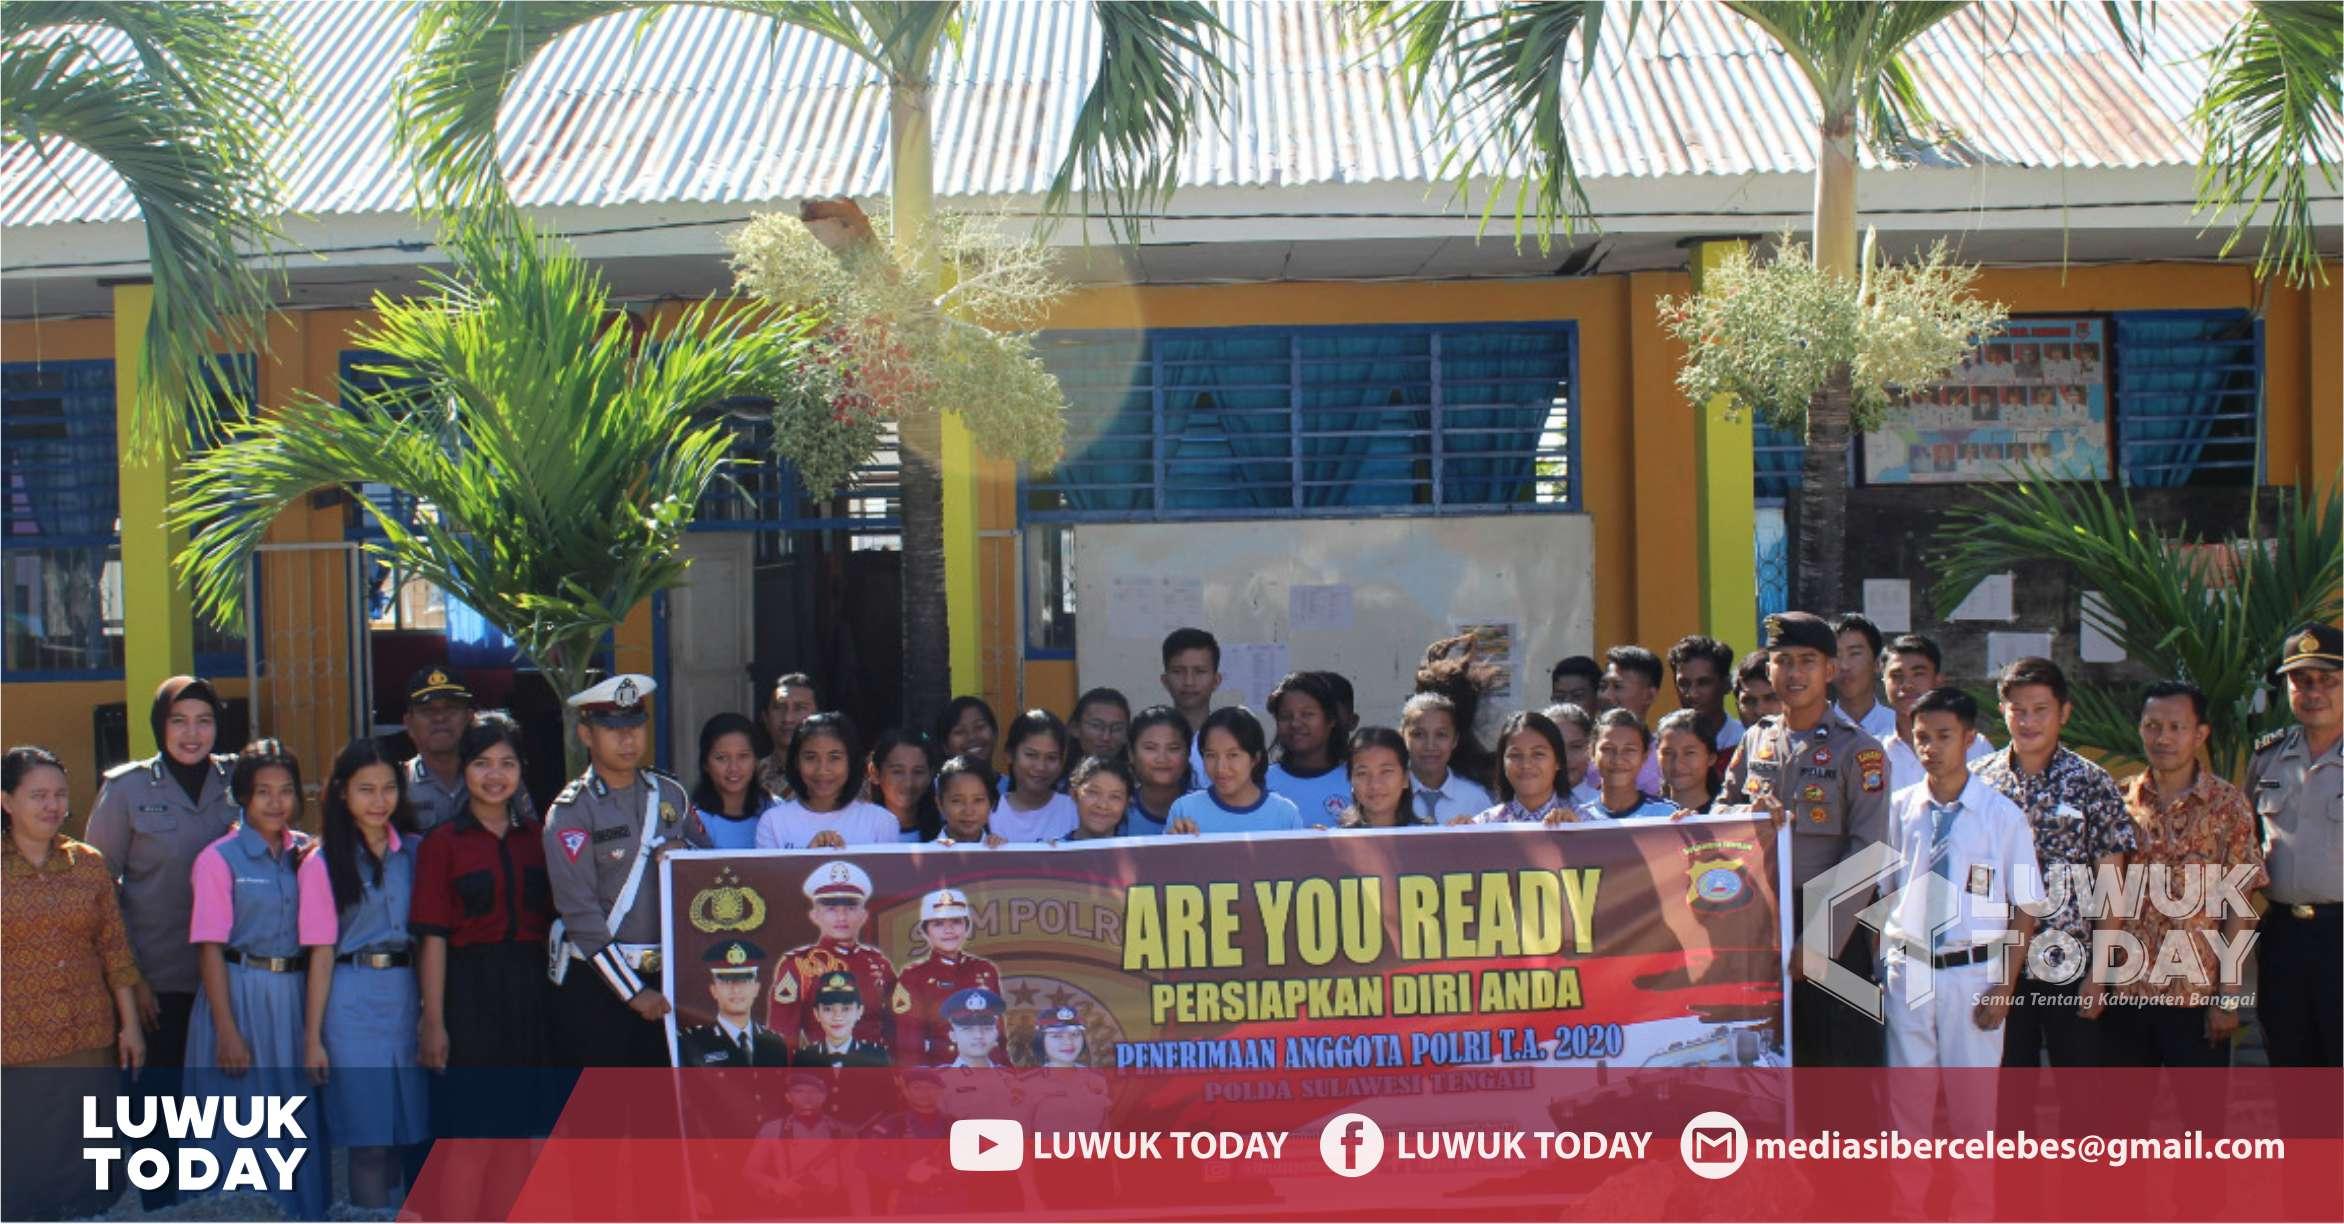 Photo of Penerimaan Anggota Polri 2020, Polres Banggai Sosialisasi ke Sekolah